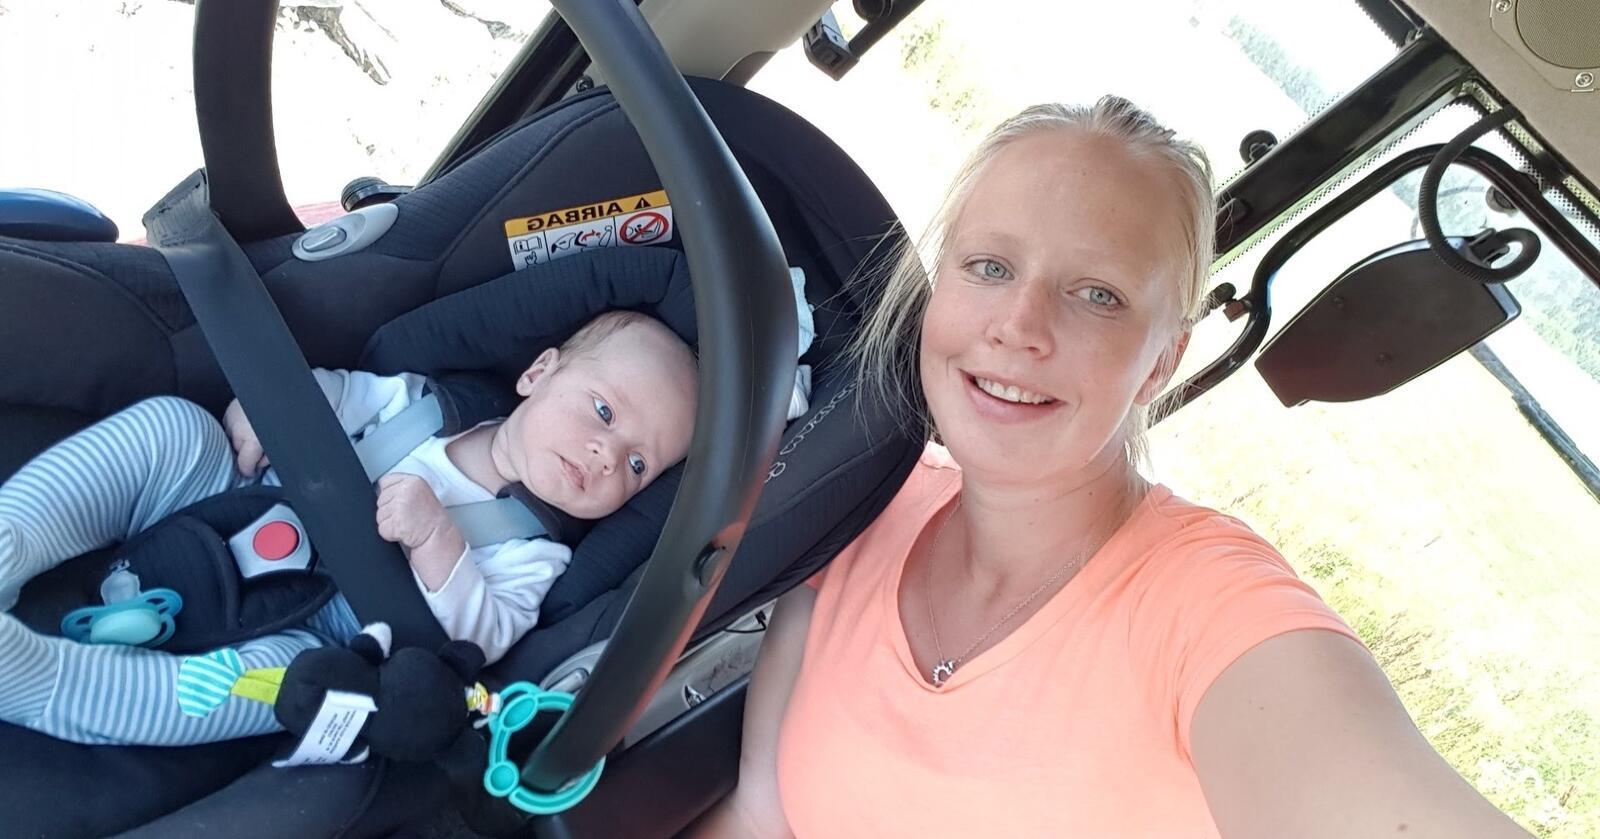 Elias (6 uker) er med mor og bonde Cecilie Brask Findal i traktoren. For mange er det vanskelig å få nok arbeidshjelp på gården under graviditet og småbarnsperiode. Foto: Privat